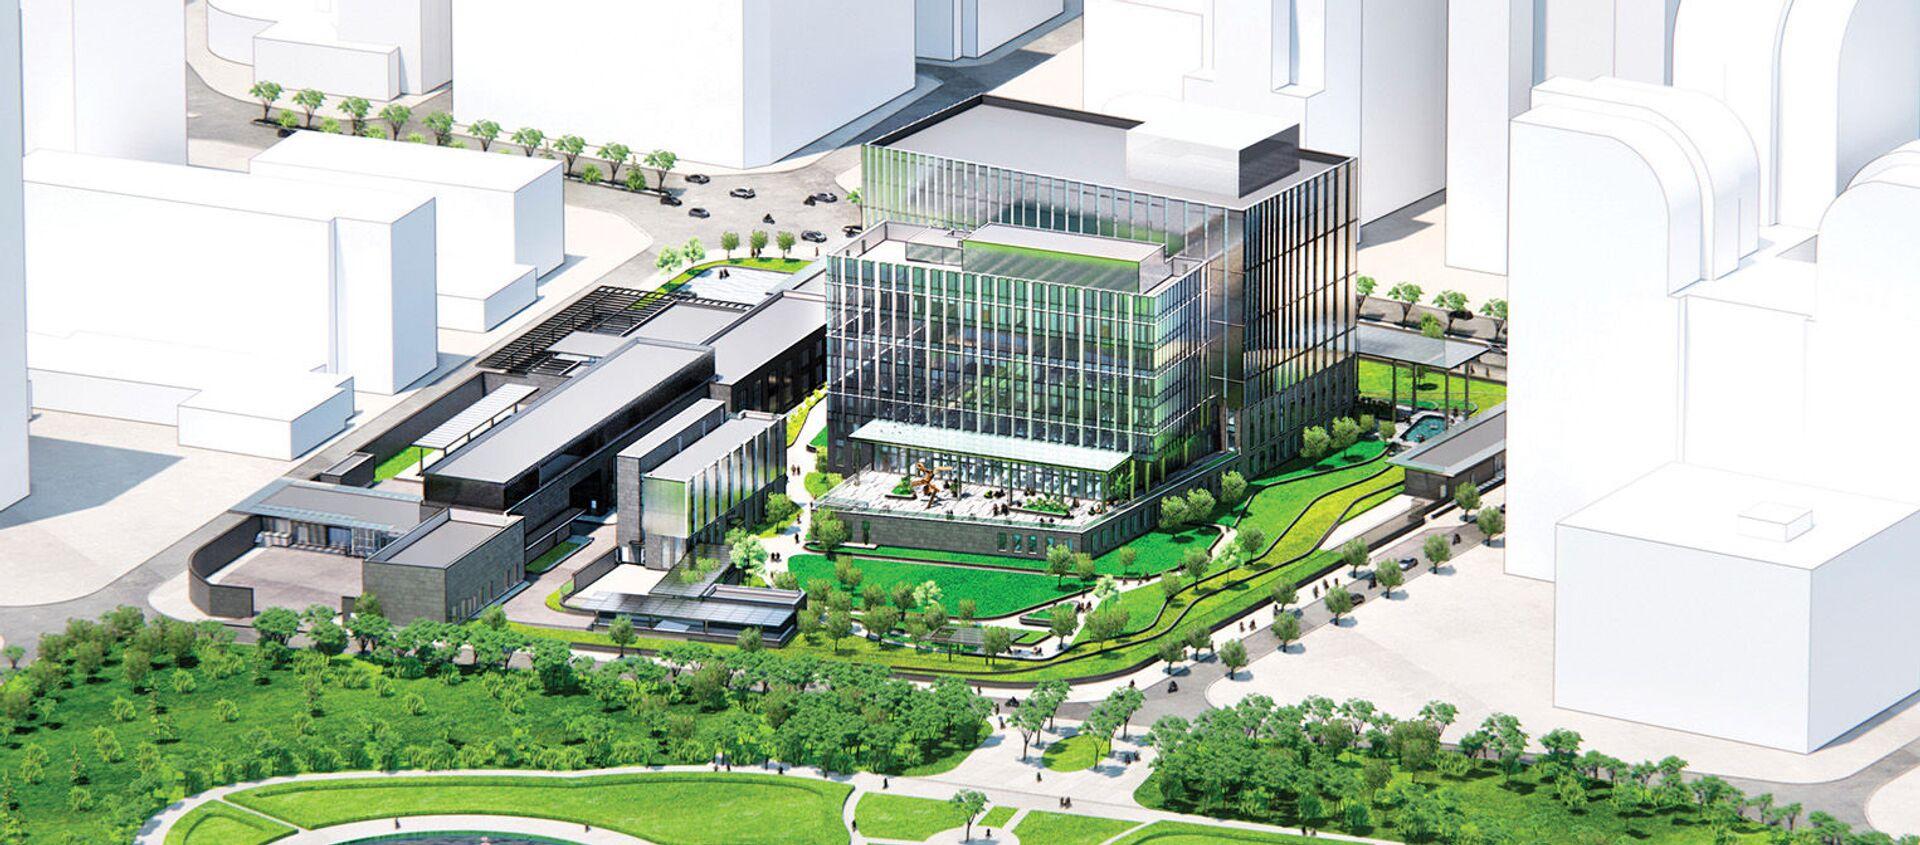 Đại sứ quán Mỹ mới tọa lạc ở quận Cầu Giấy, có diện tích 39.000m2, và có vốn đầu tư 1,2 tỷ USD. - Sputnik Việt Nam, 1920, 26.08.2021